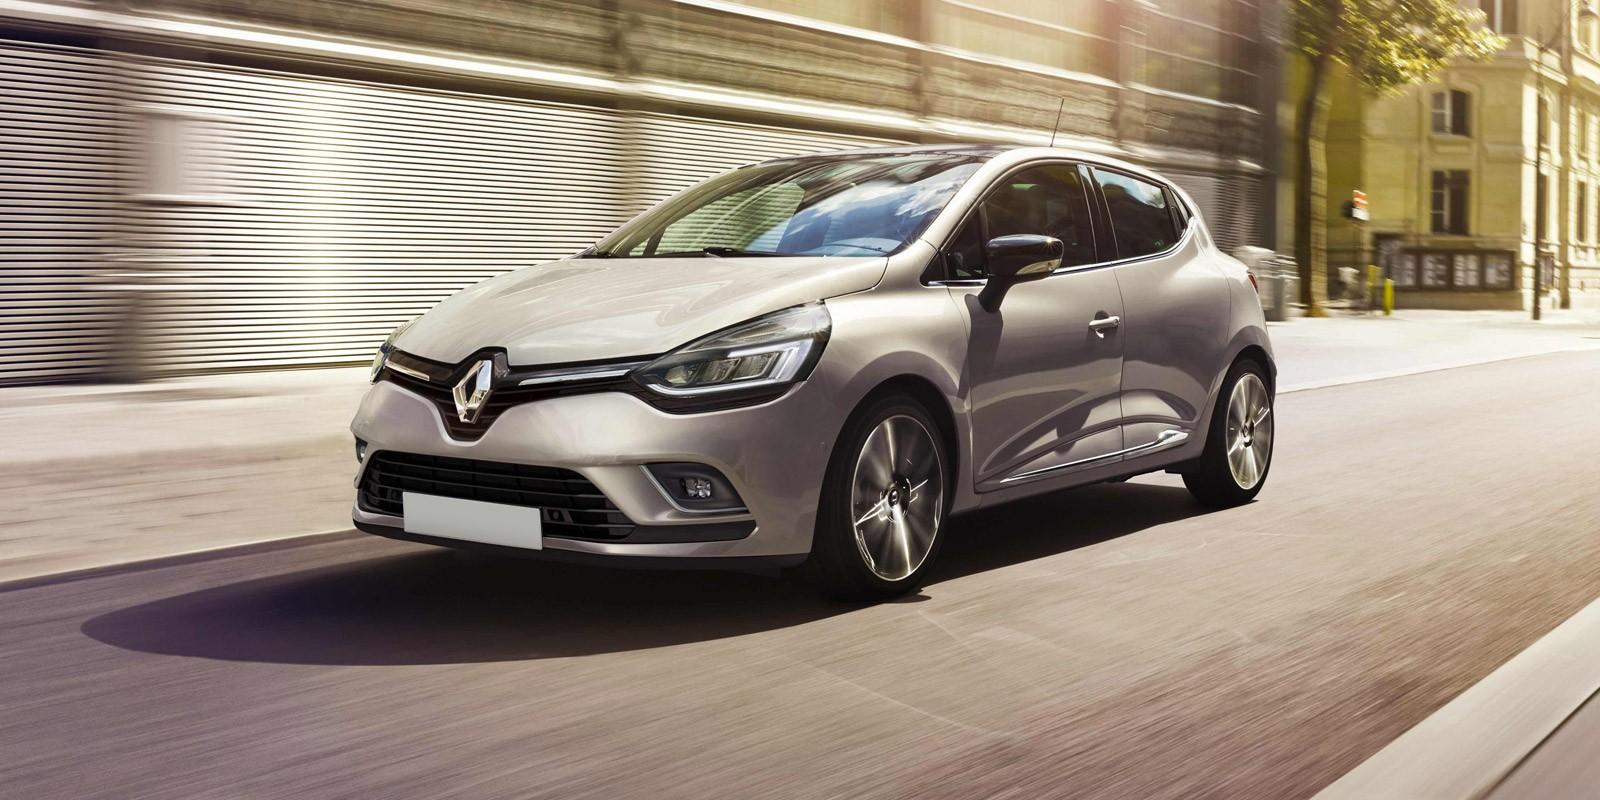 Renault предлагает скидку на свои автомобили в России в 2017 году